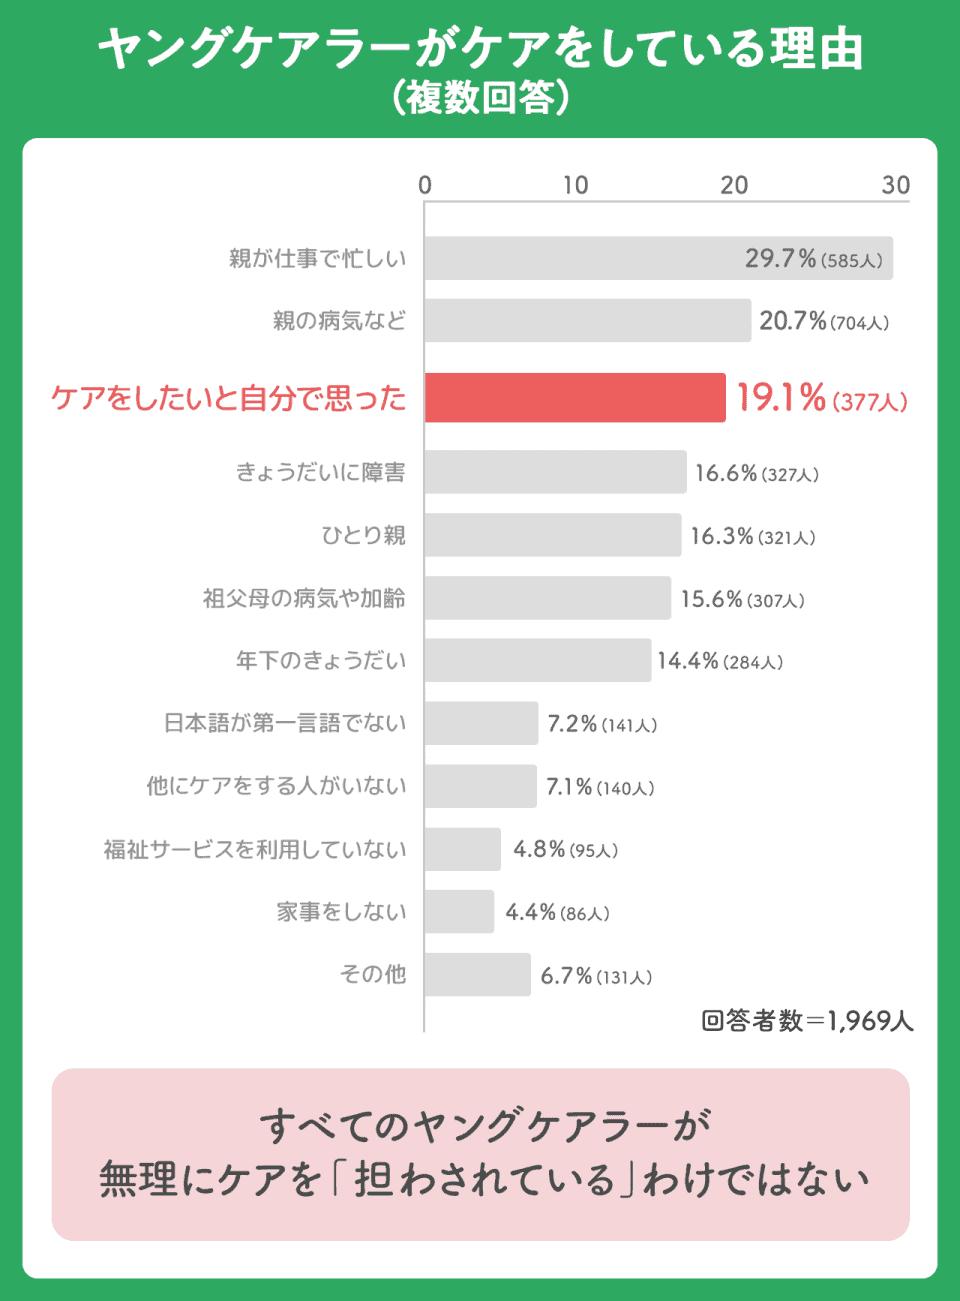 【ヤングケアラーがケアをしている理由(複数回答)】親が仕事で忙しい29.7%(585人)親の病気など20.7%(704人)ケアをしたいと自分で思った19.1%(377人)きょうだいに障害16.6%(327人)ひとり親16.3%(321人)祖父母の病気や加齢15.6%(307人)年下のきょうだい14.4%(284人)日本語が第一言語でない7.2%(141人)他にケアをする人がいない7.1%(140人)福祉サービスを利用していない4.8%(95人)家事をしない4.4%(86人)その他6.7%(131人)。回答者数:1,969人。すべてのヤングケアラーが無理にケアを「担わされている」わけではない